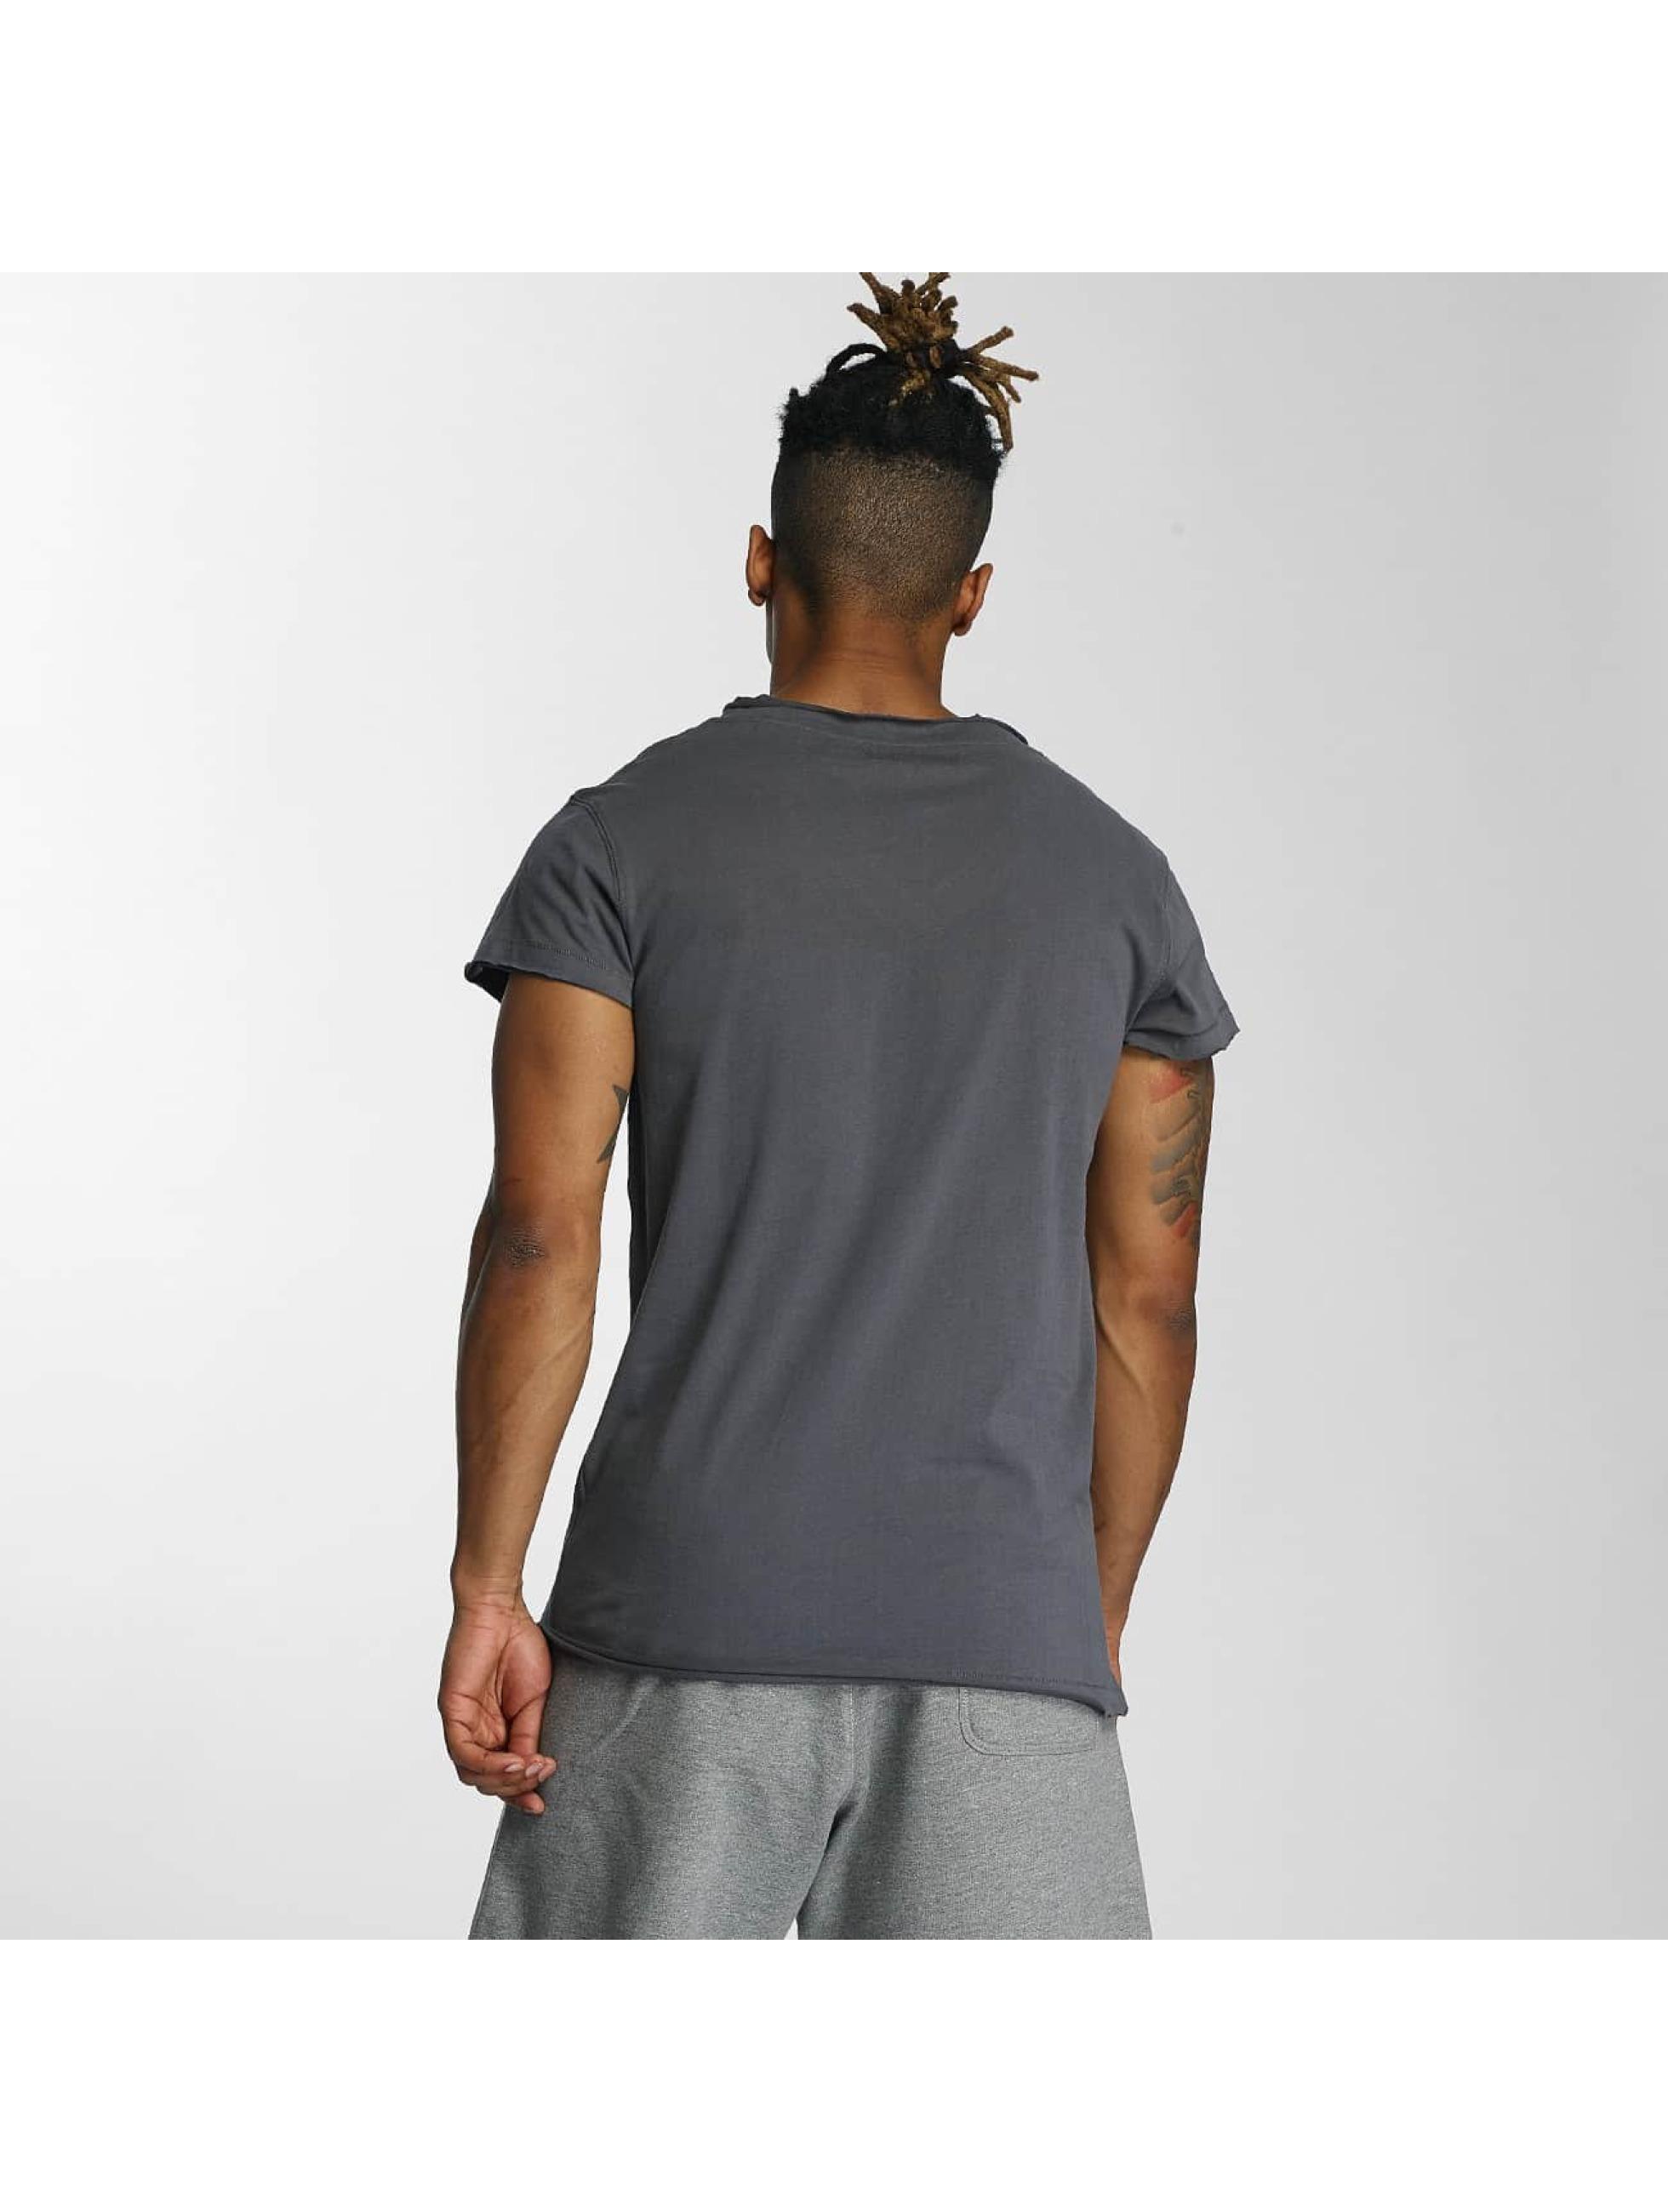 Devilsfruit T-Shirt Open gray